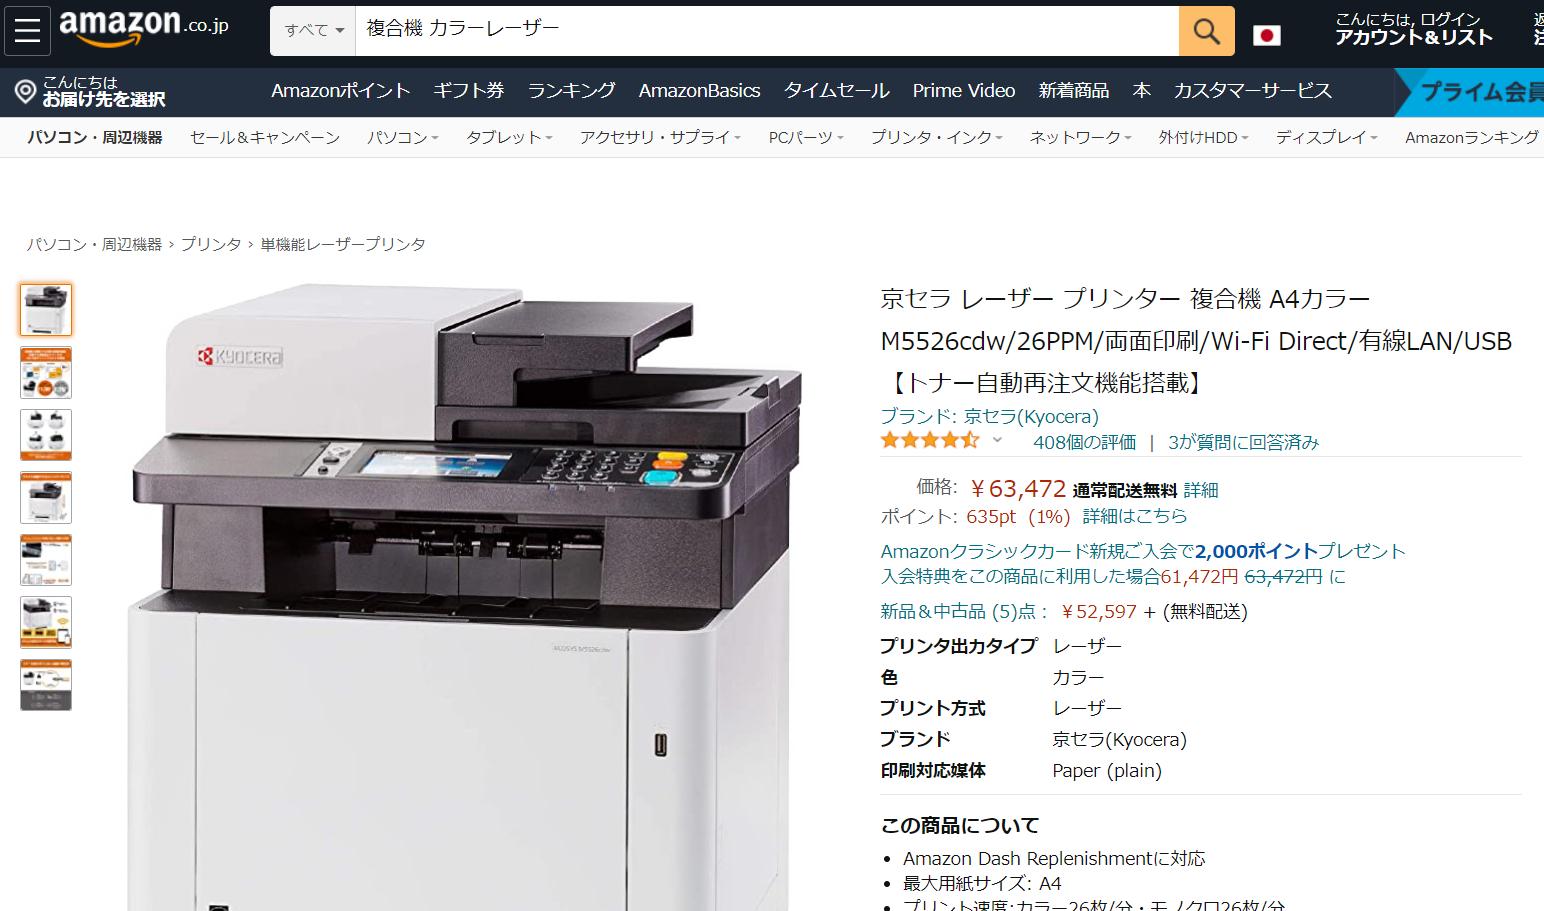 オフィス向けカラーレーザープリンター複合機「京セラ M5526cdw/26PPM」